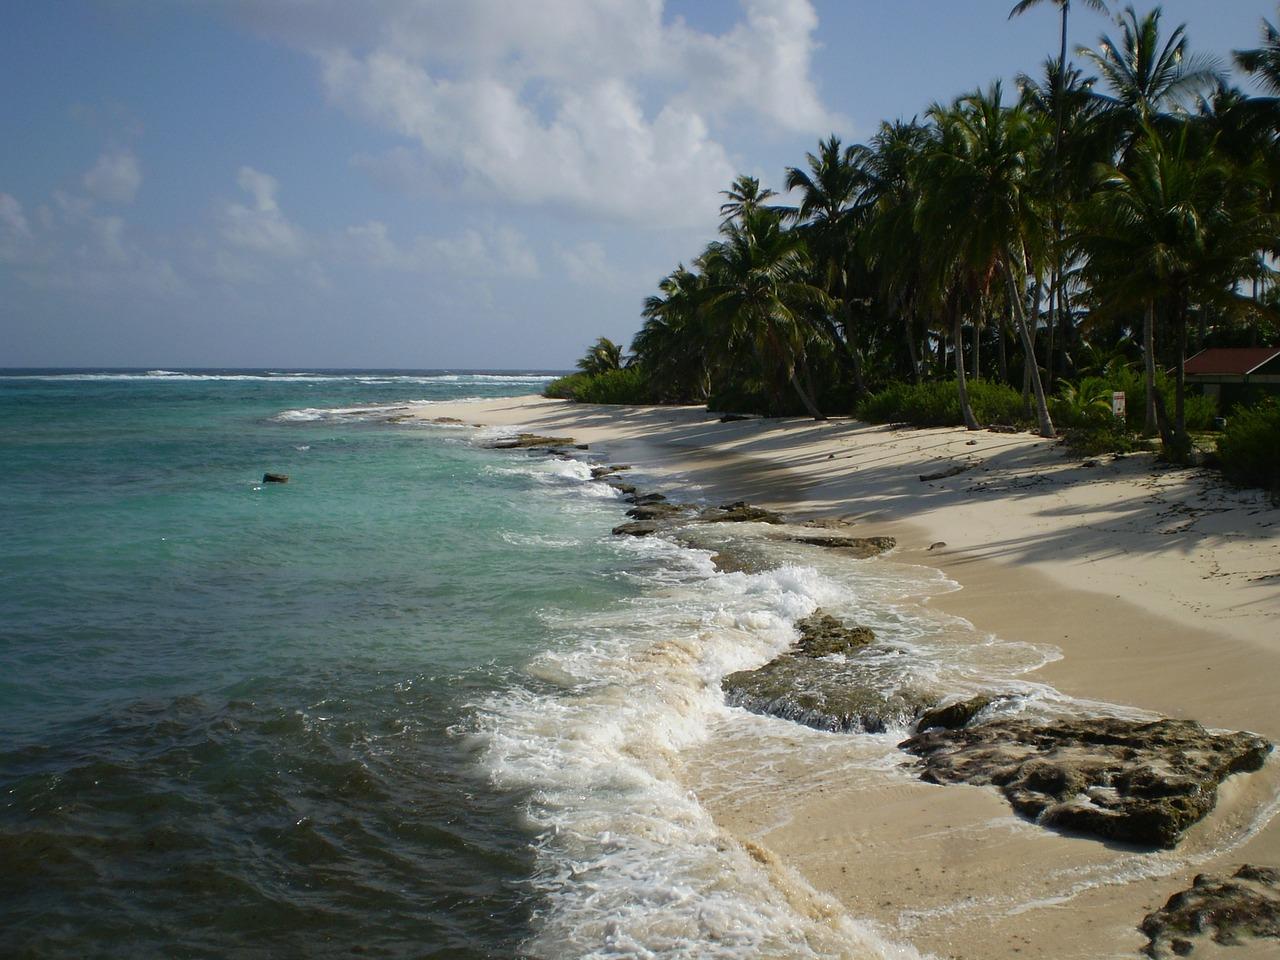 Des îles aux allures paradisiaques mais pas assez connues